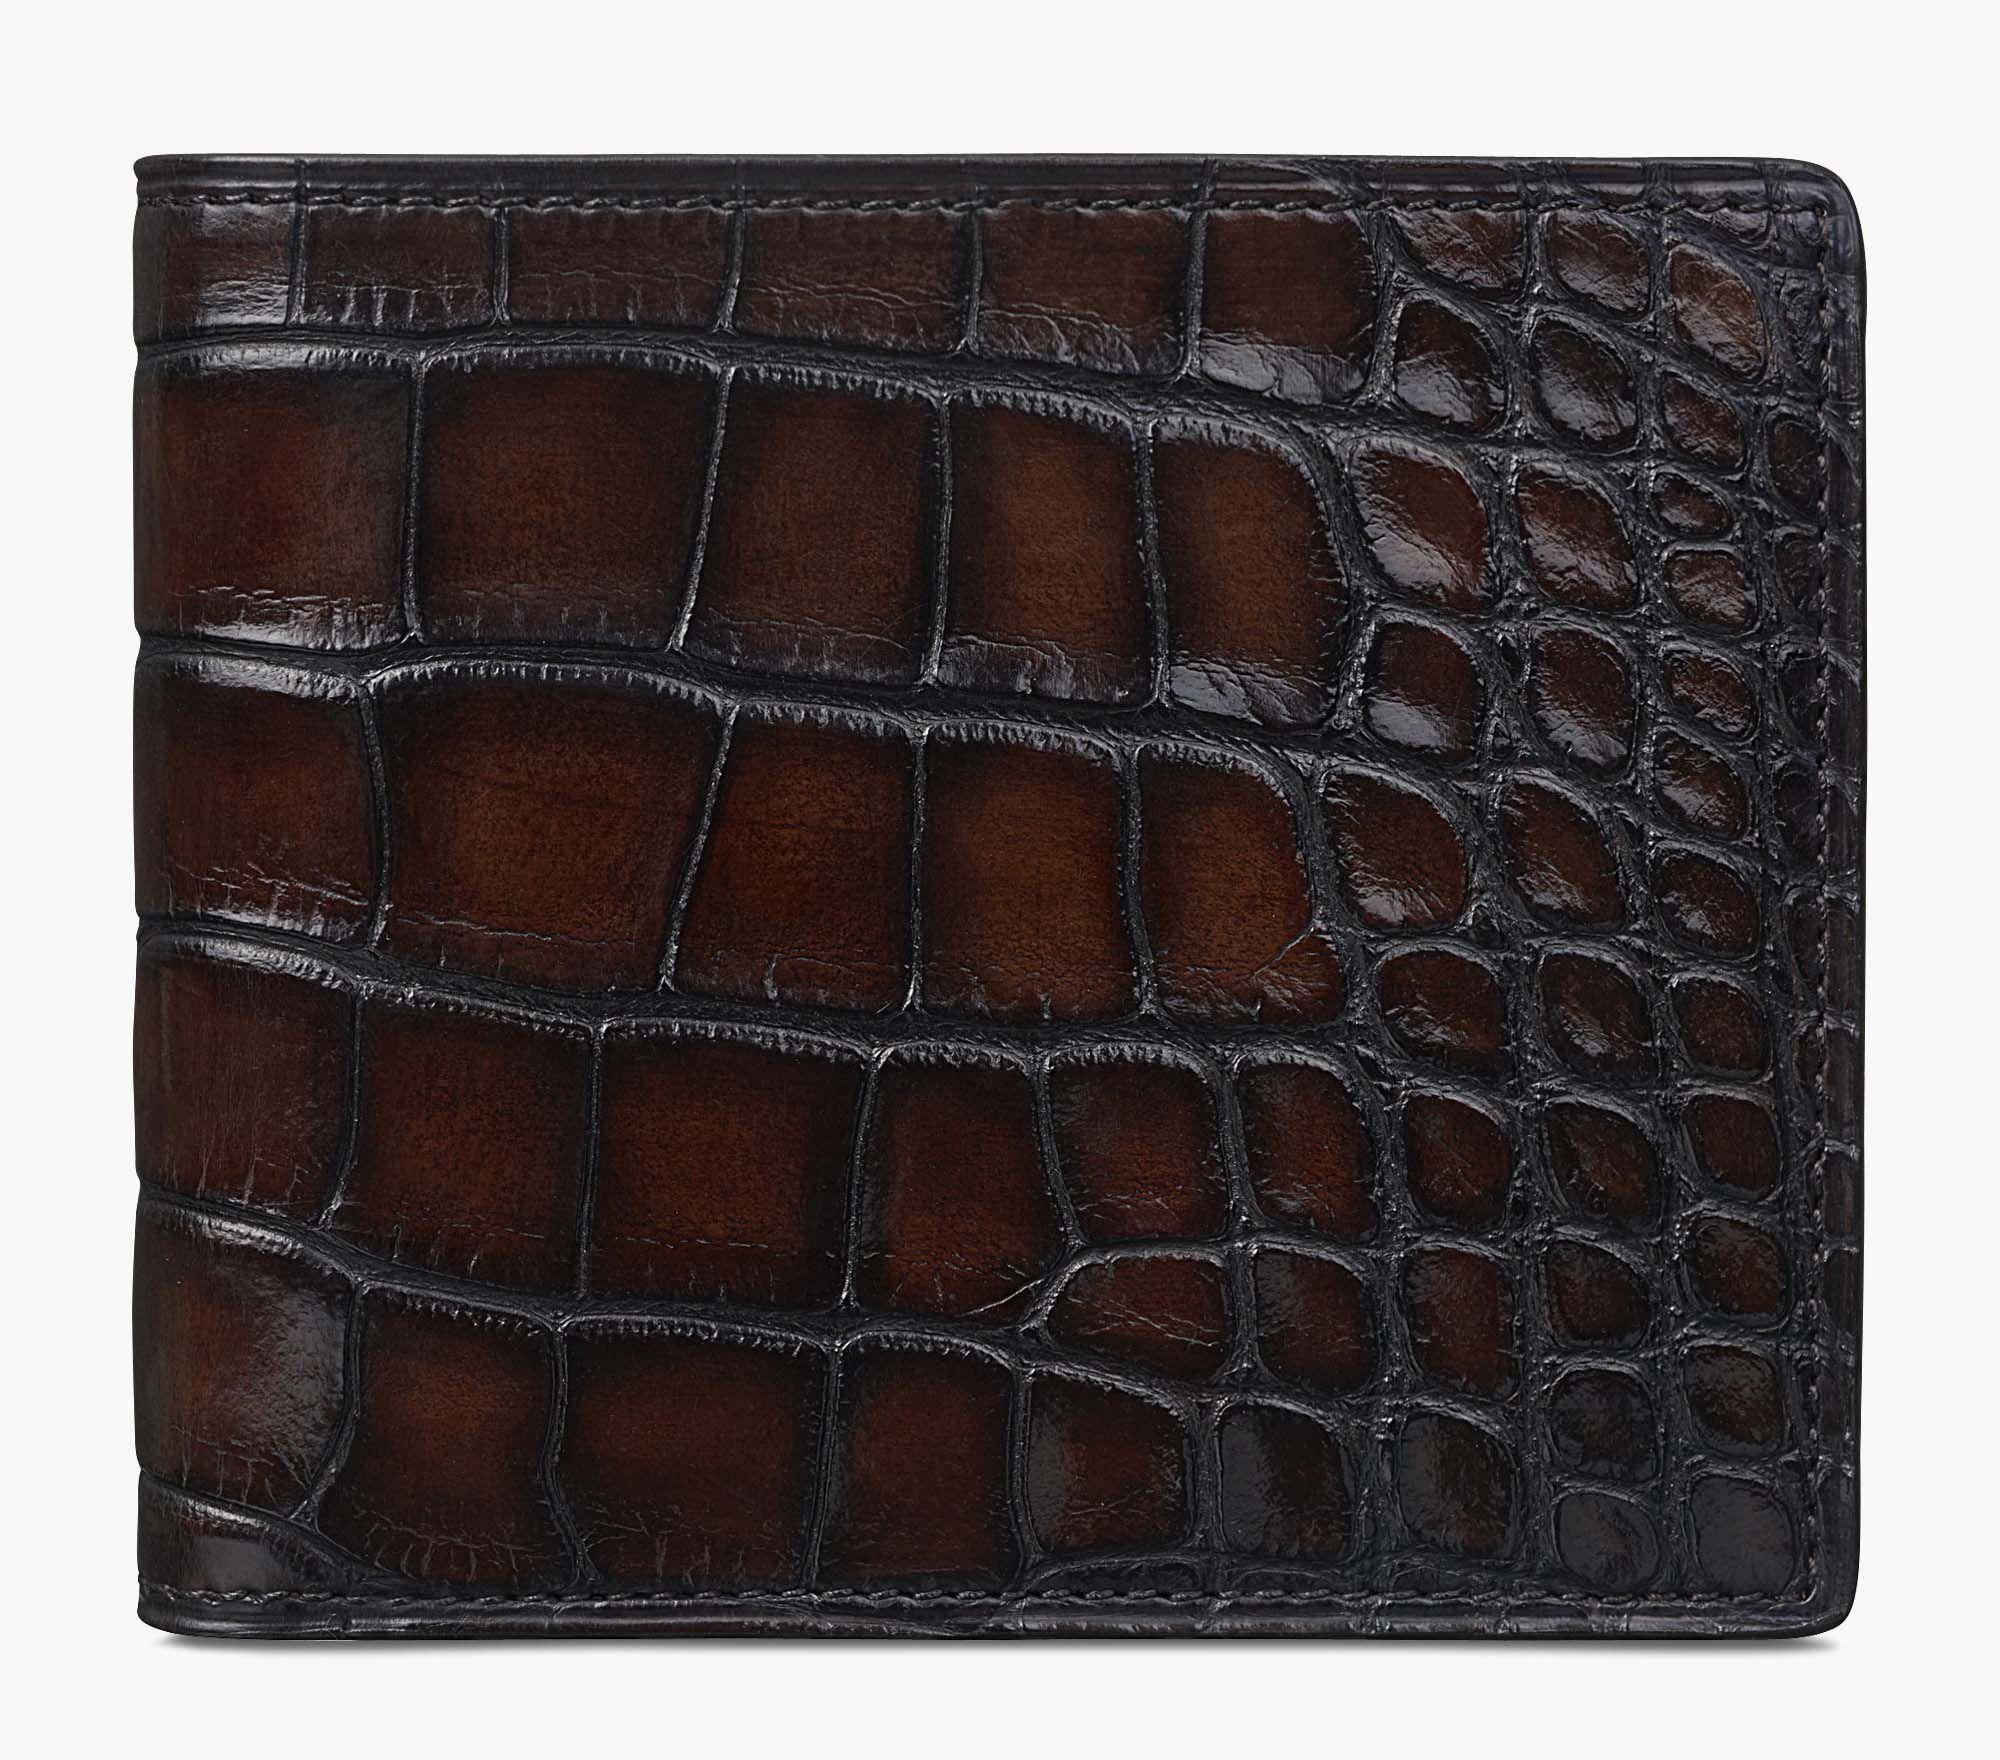 Berluti Portefeuille en cuir Makore 5S3qxZVwJL